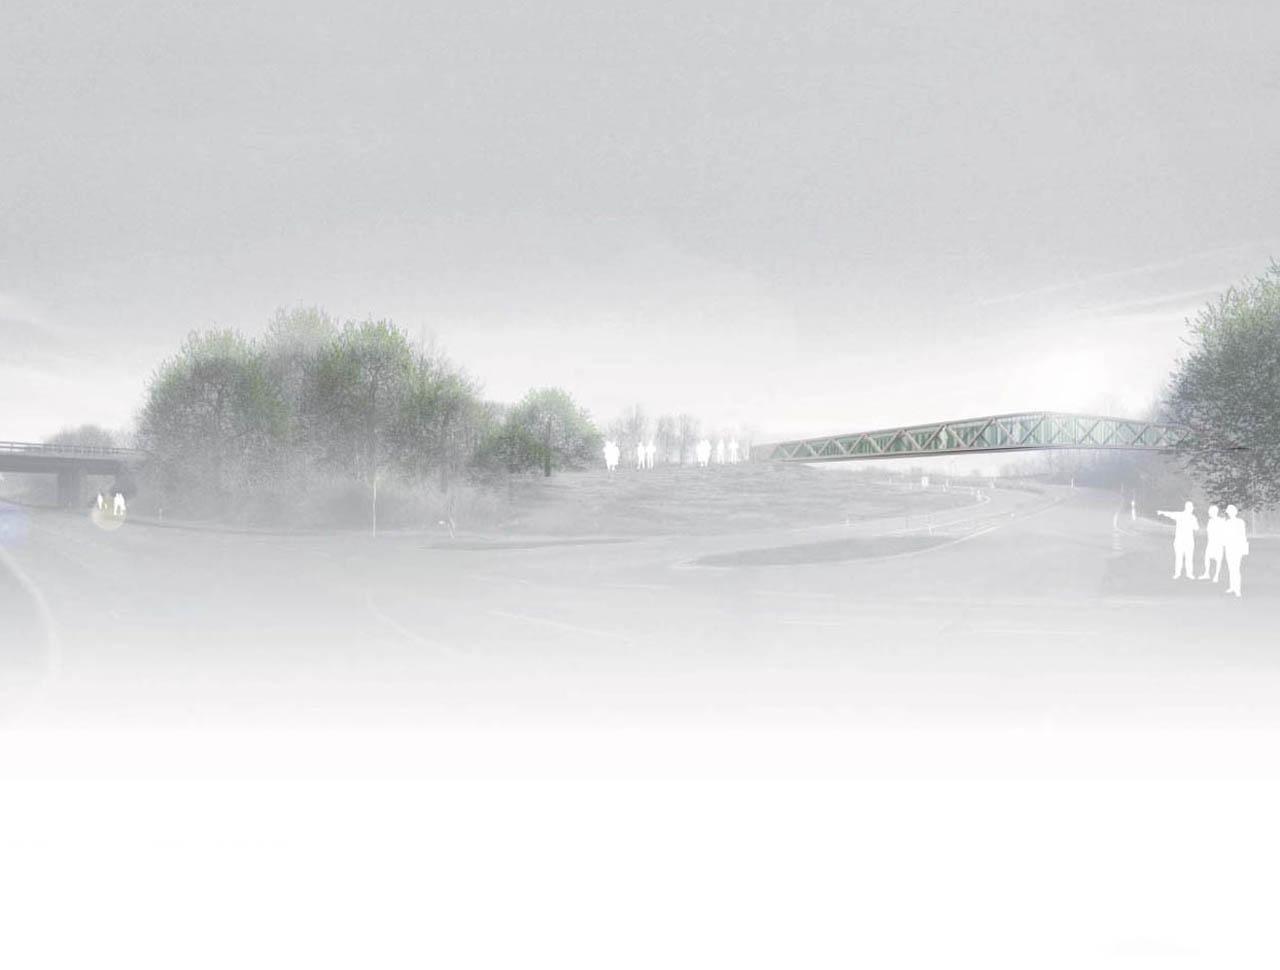 Wettbewerb Fuß- und Radwegbrücken zur impuls-Arena Augsburg